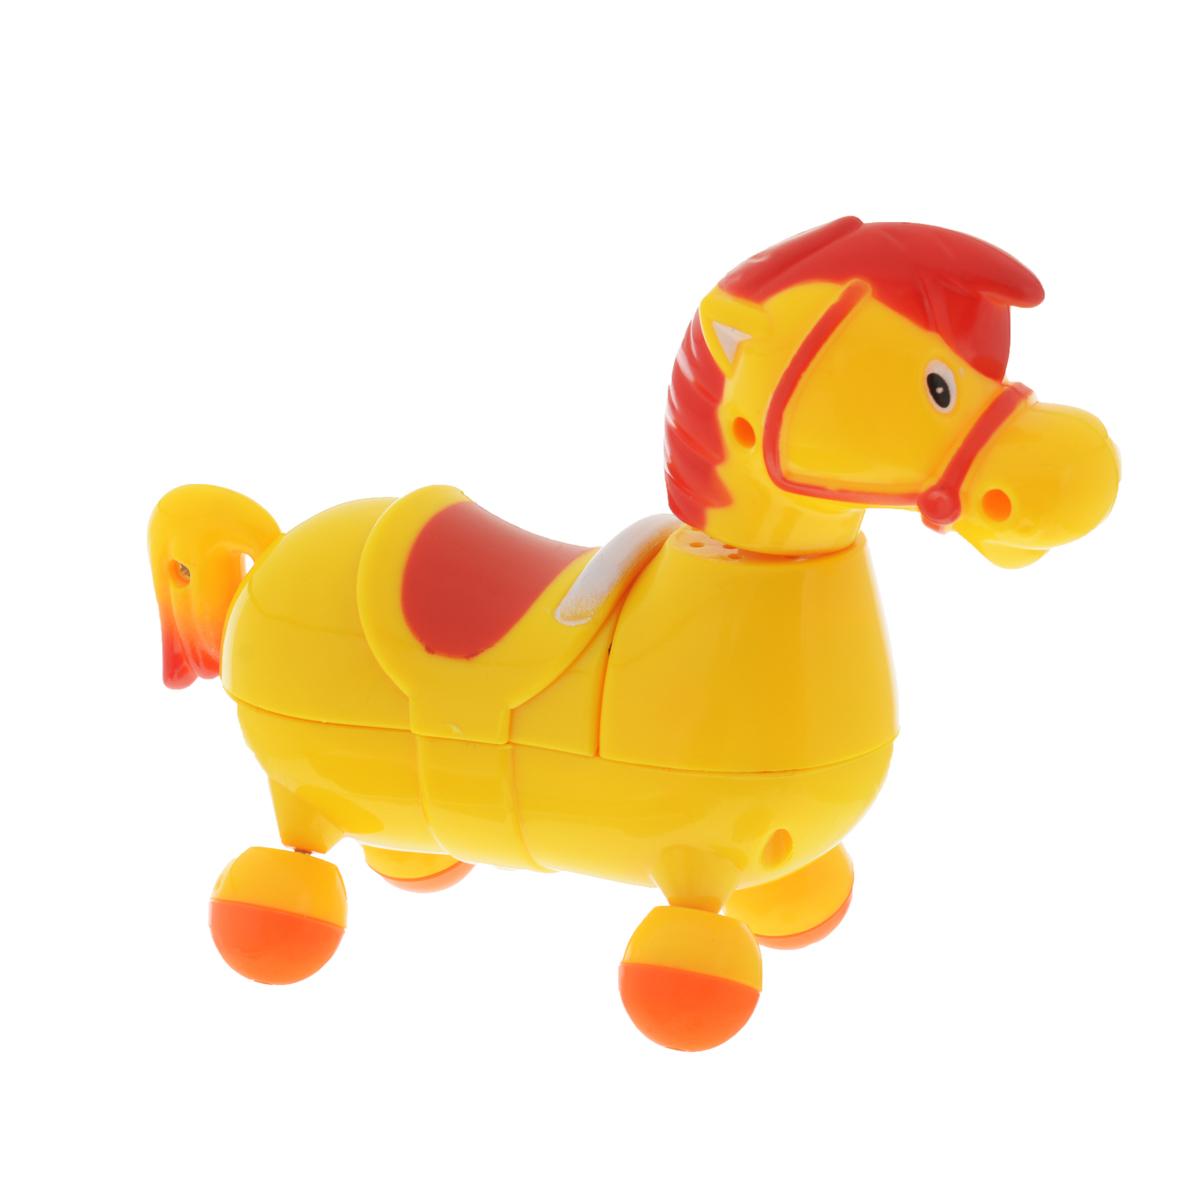 Развивающая игрушка Mommy Love Веселая лошадка, цвет: желтый, красный209_желтая лошадкаРазвивающая игрушка Mommy Love Веселая лошадка приведет в восторг вашего малыша. Игрушка выполнена из высококачественного и безопасного пластика в виде очаровательной лошадки. При включении игрушка начинает двигаться вперед и при этом звучит веселая мелодия. Ножки лошадки прокручиваются со звуком трещотки. Голова и хвостик лошадки подвижны. За такой игрушкой ребенок с удовольствием будет двигаться, становясь более ловкими, сильными и быстрыми. А веселая мелодия будет служить отличным аккомпанементом в их подвижных играх. Порадуйте ребенка таким замечательным подарком! Рекомендуется докупить 2 батарейки напряжением 1,5V типа АА (товар комплектуется демонстрационными).